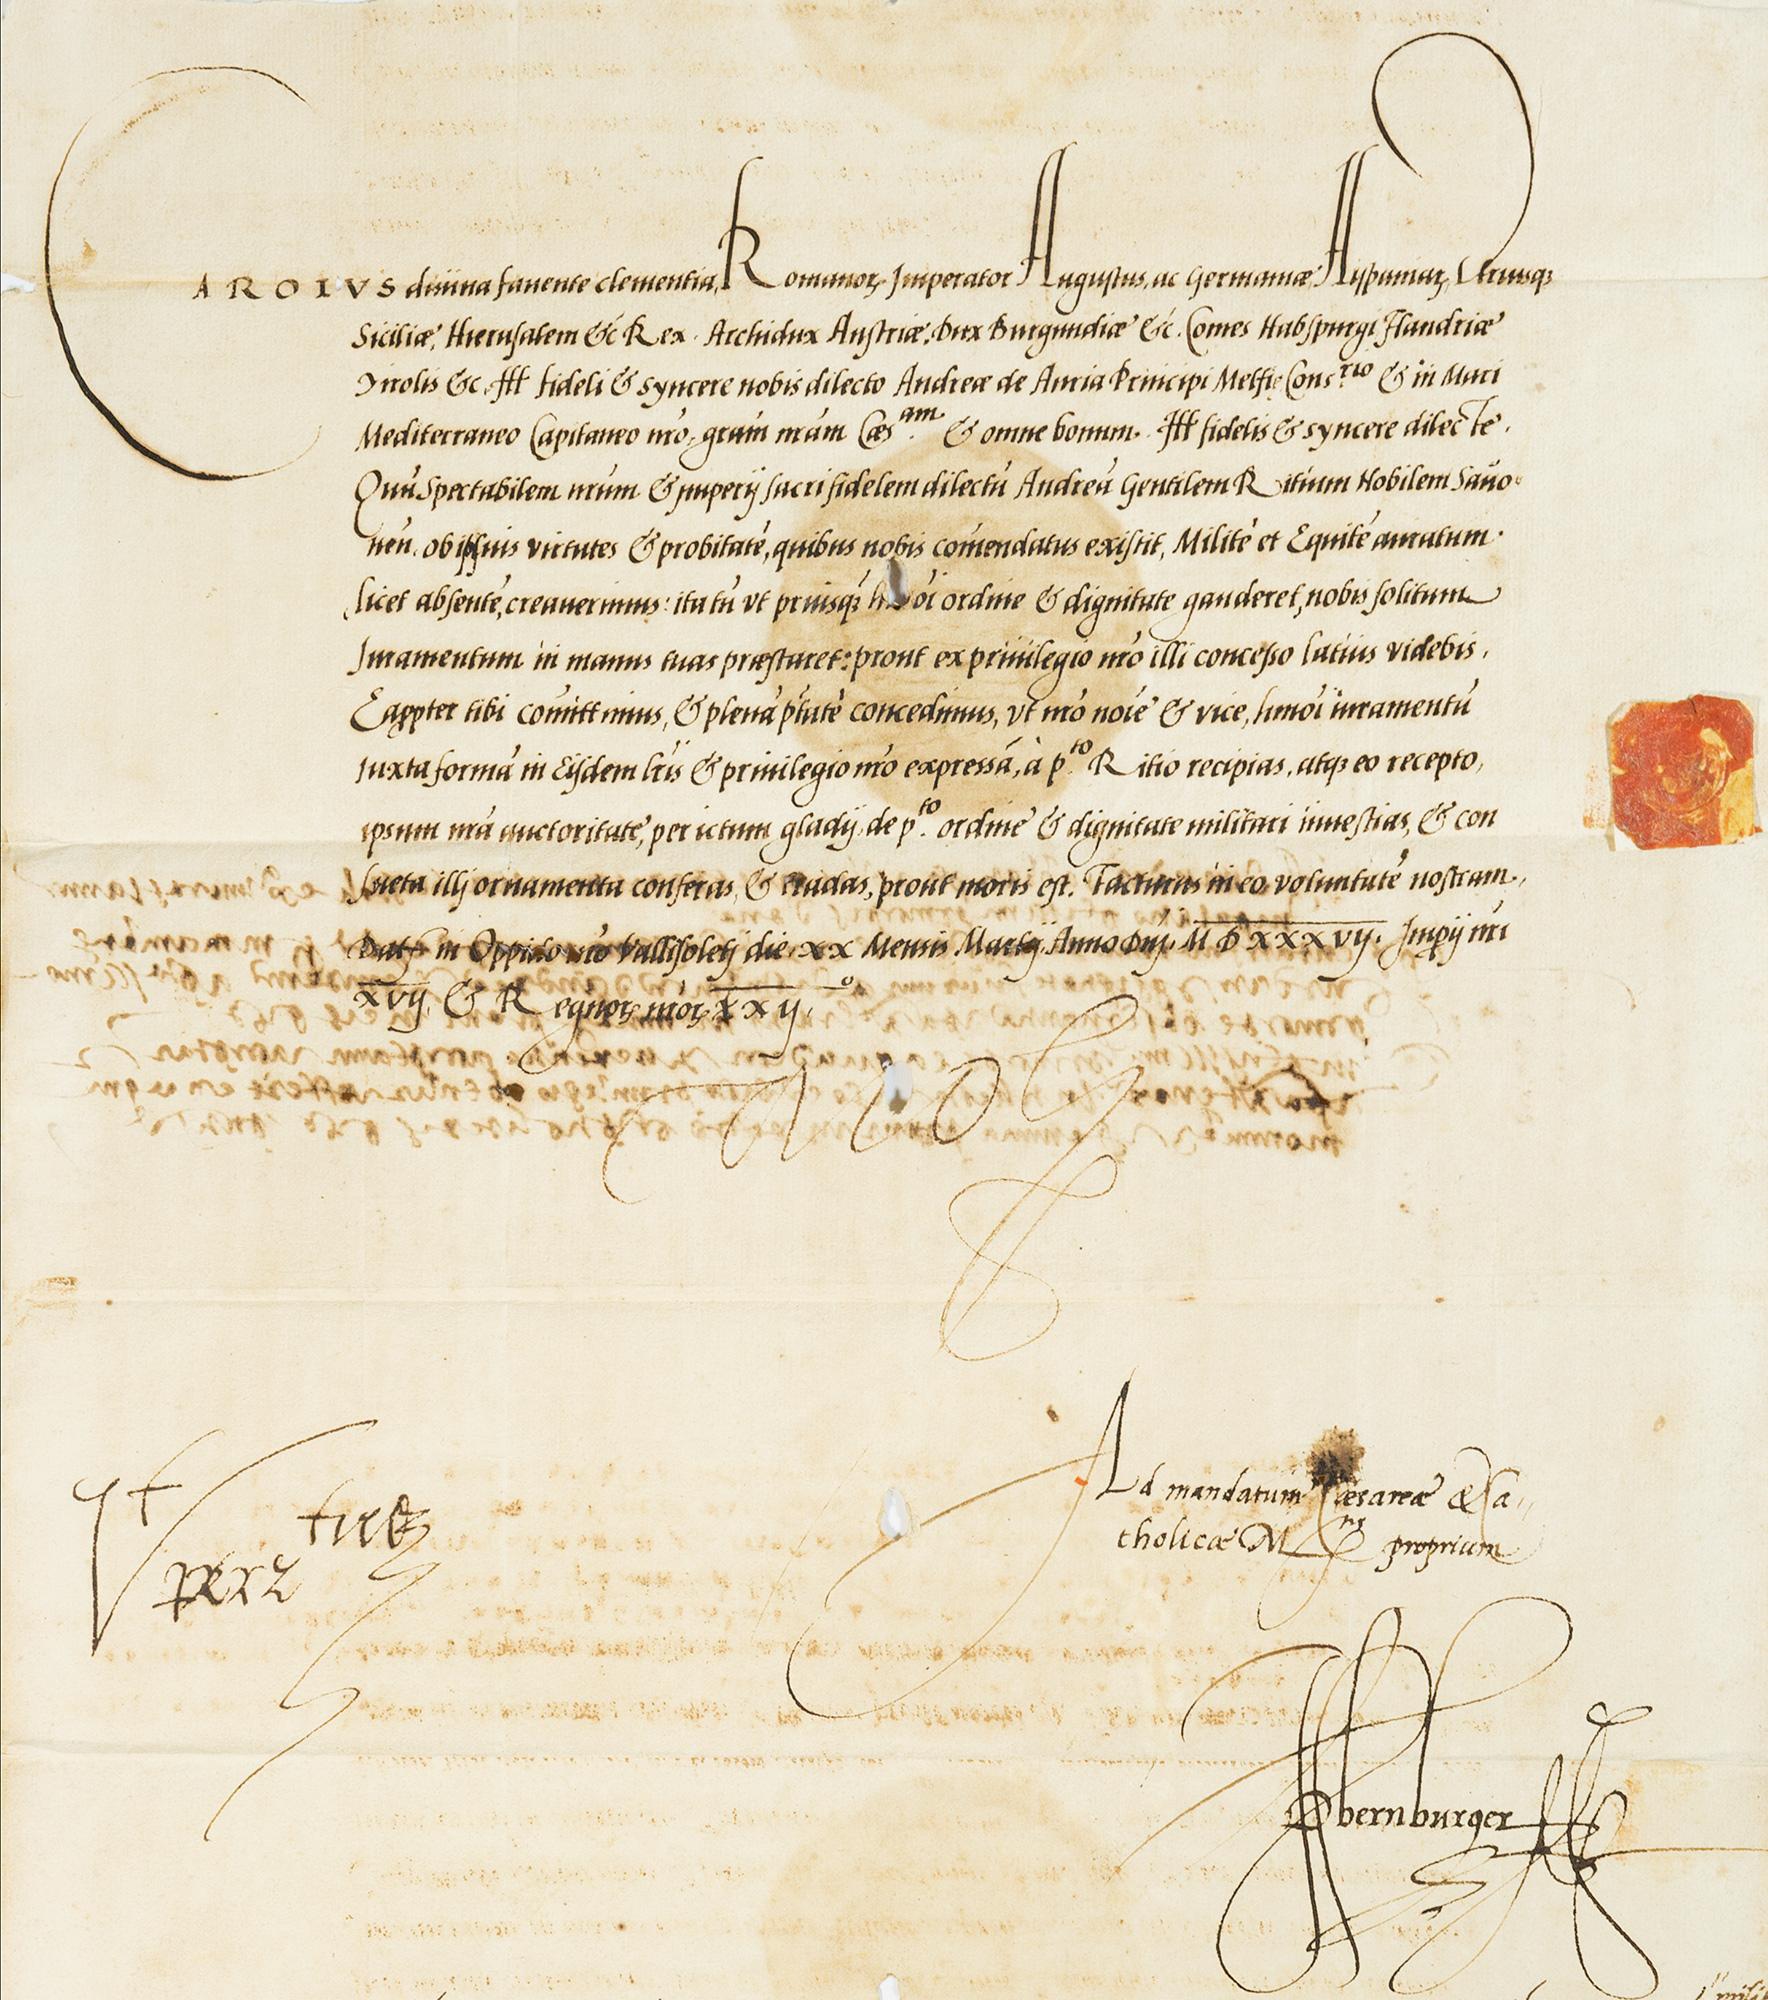 Documento sottoscritto